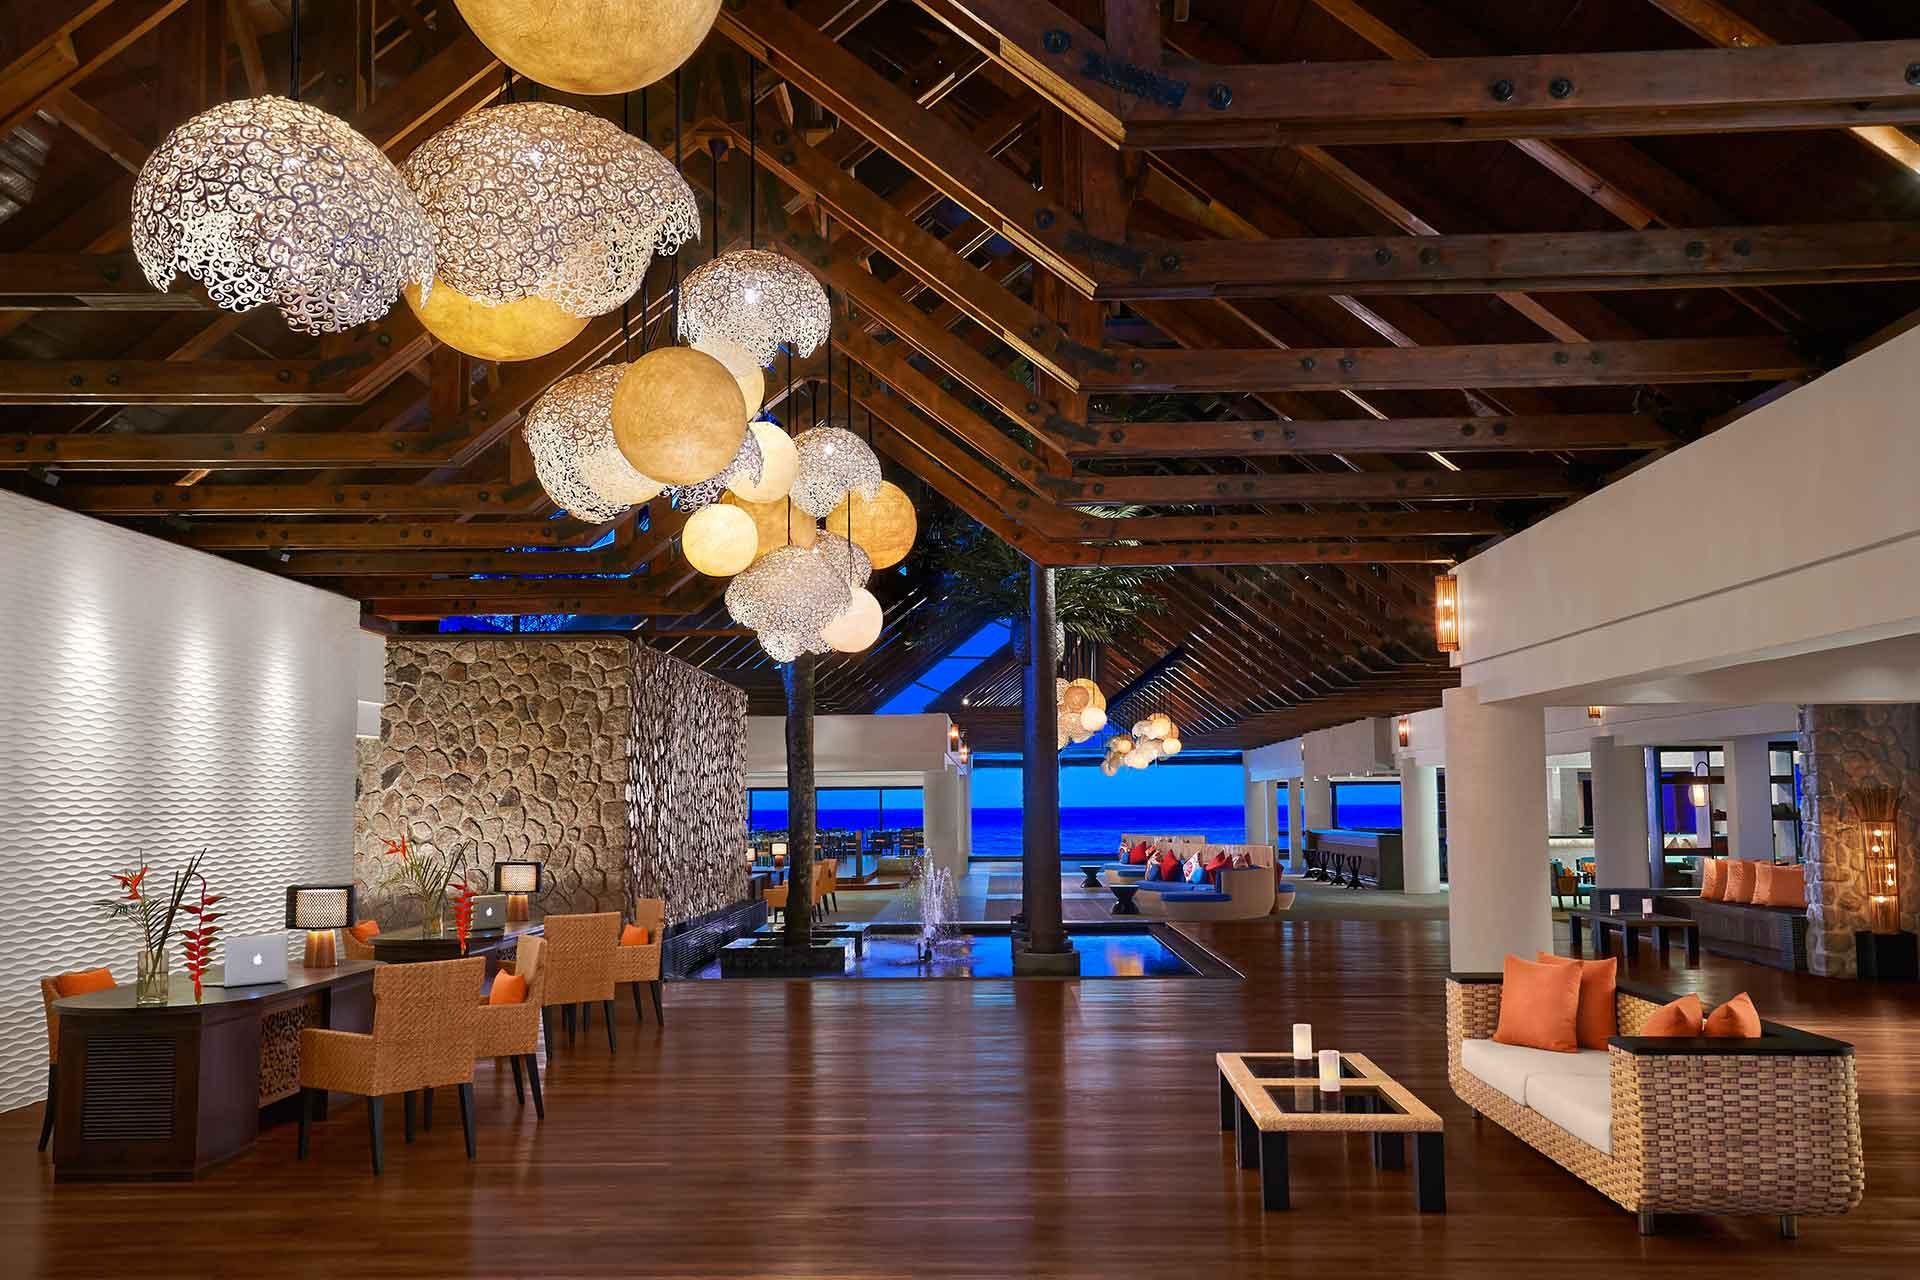 AVANI Seychelles Barbarons lobby area